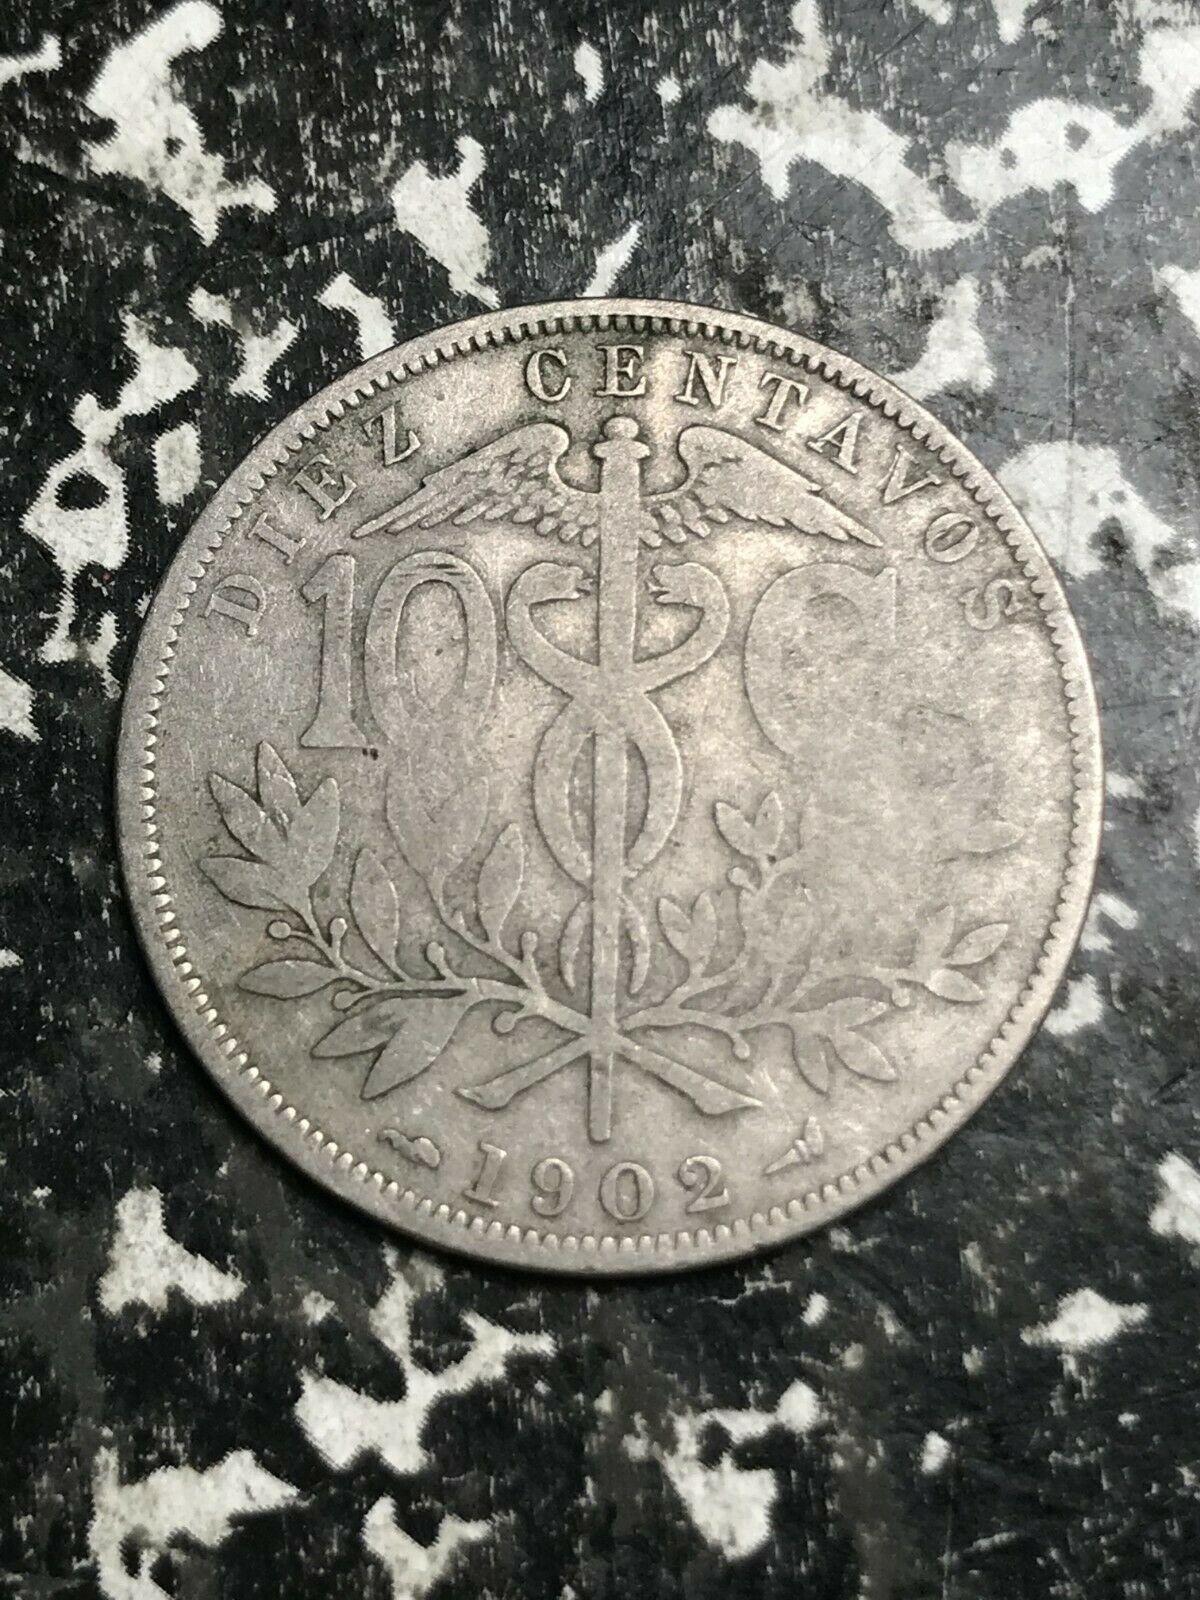 1902 Bolivia 10 Centavos Lot#L4017